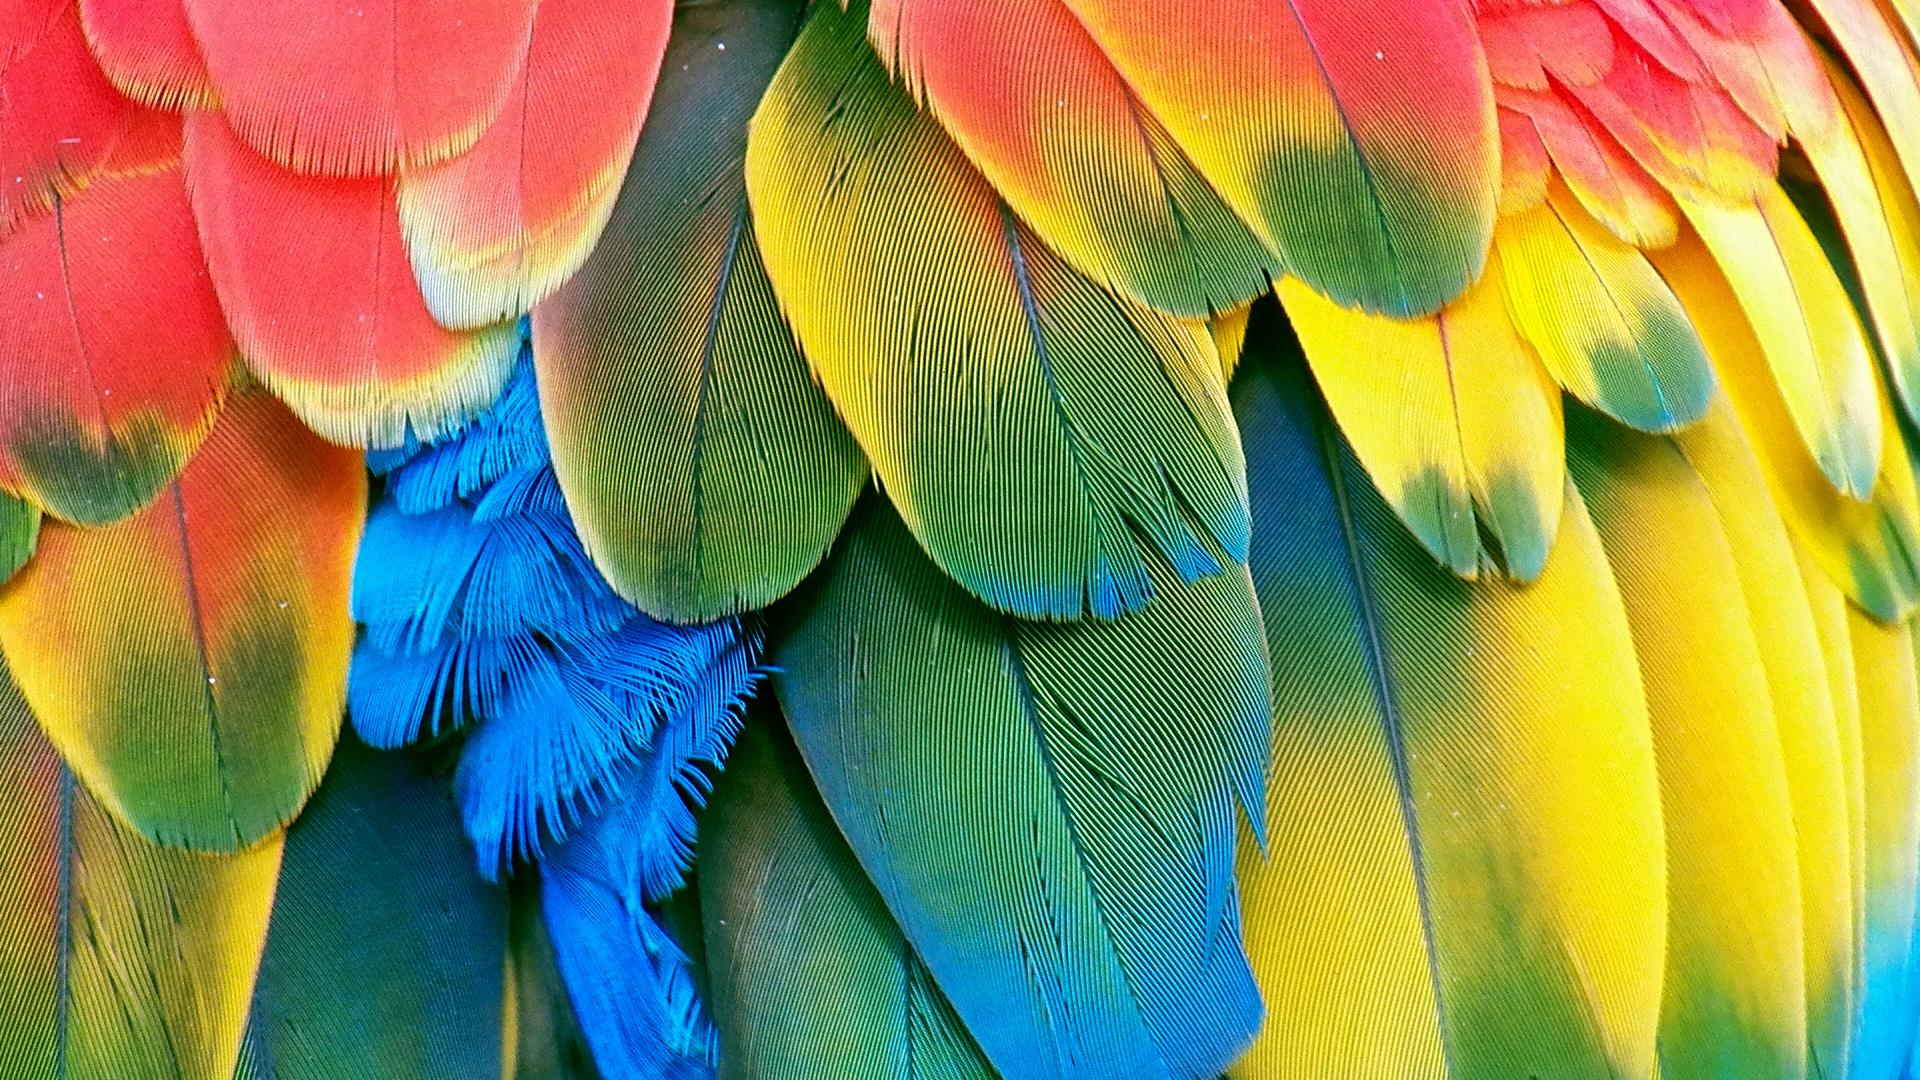 Parrot Wallpapers 26 WallpapersExpert Journal 1920x1080